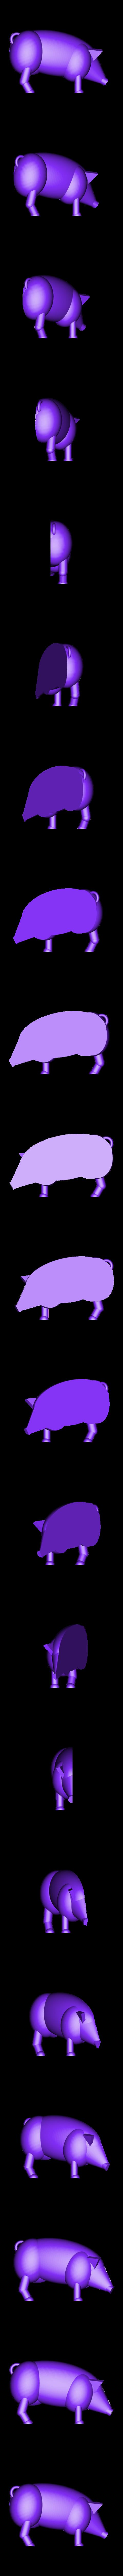 piglrghtside1.stl Télécharger fichier STL gratuit Dark Age Townsfolk, Villagefolk et Bêtes domestiques • Plan pour imprimante 3D, Earsling